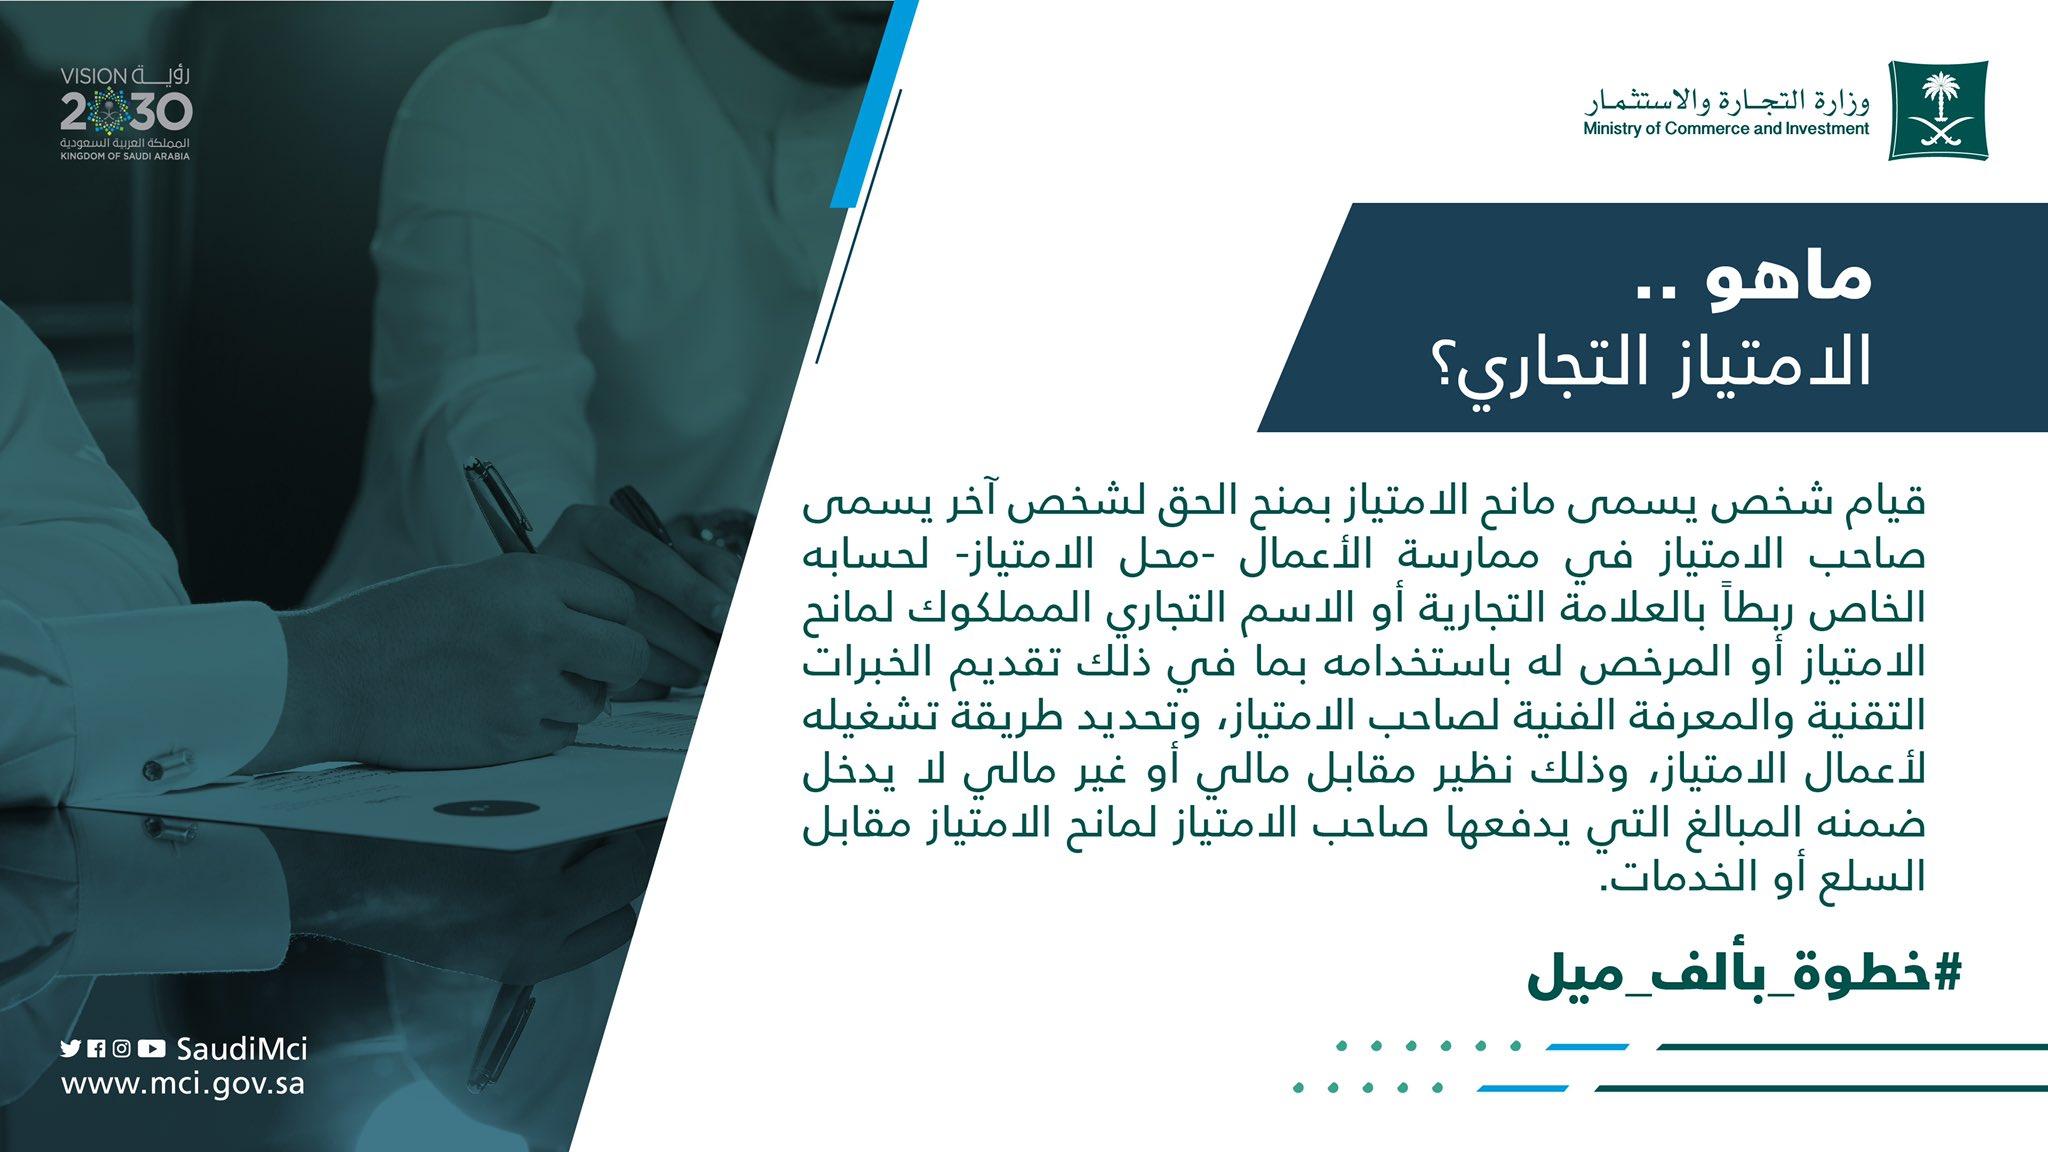 تفاصيل نظام الامتياز التجاري بالسعودية وموعد تطبيقه معلومات مباشر